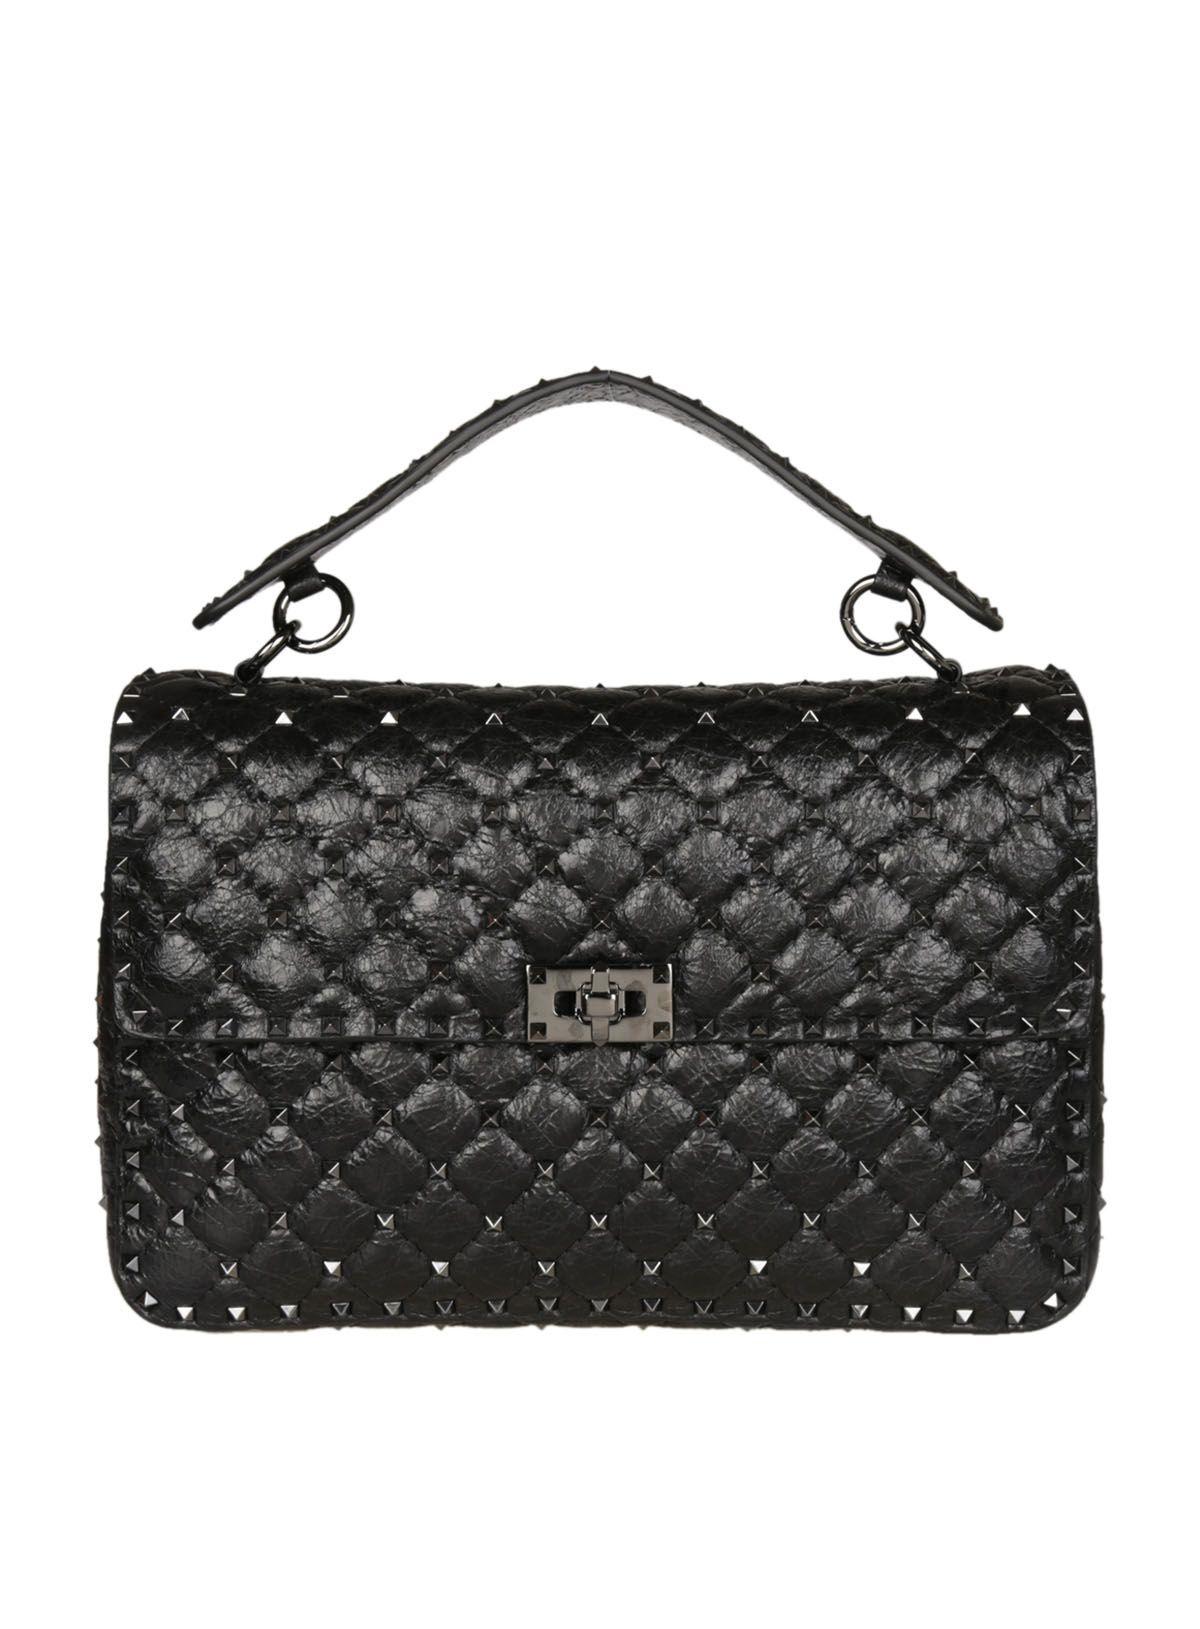 Valentino Valentino Rockstud Spike Shoulder Bag